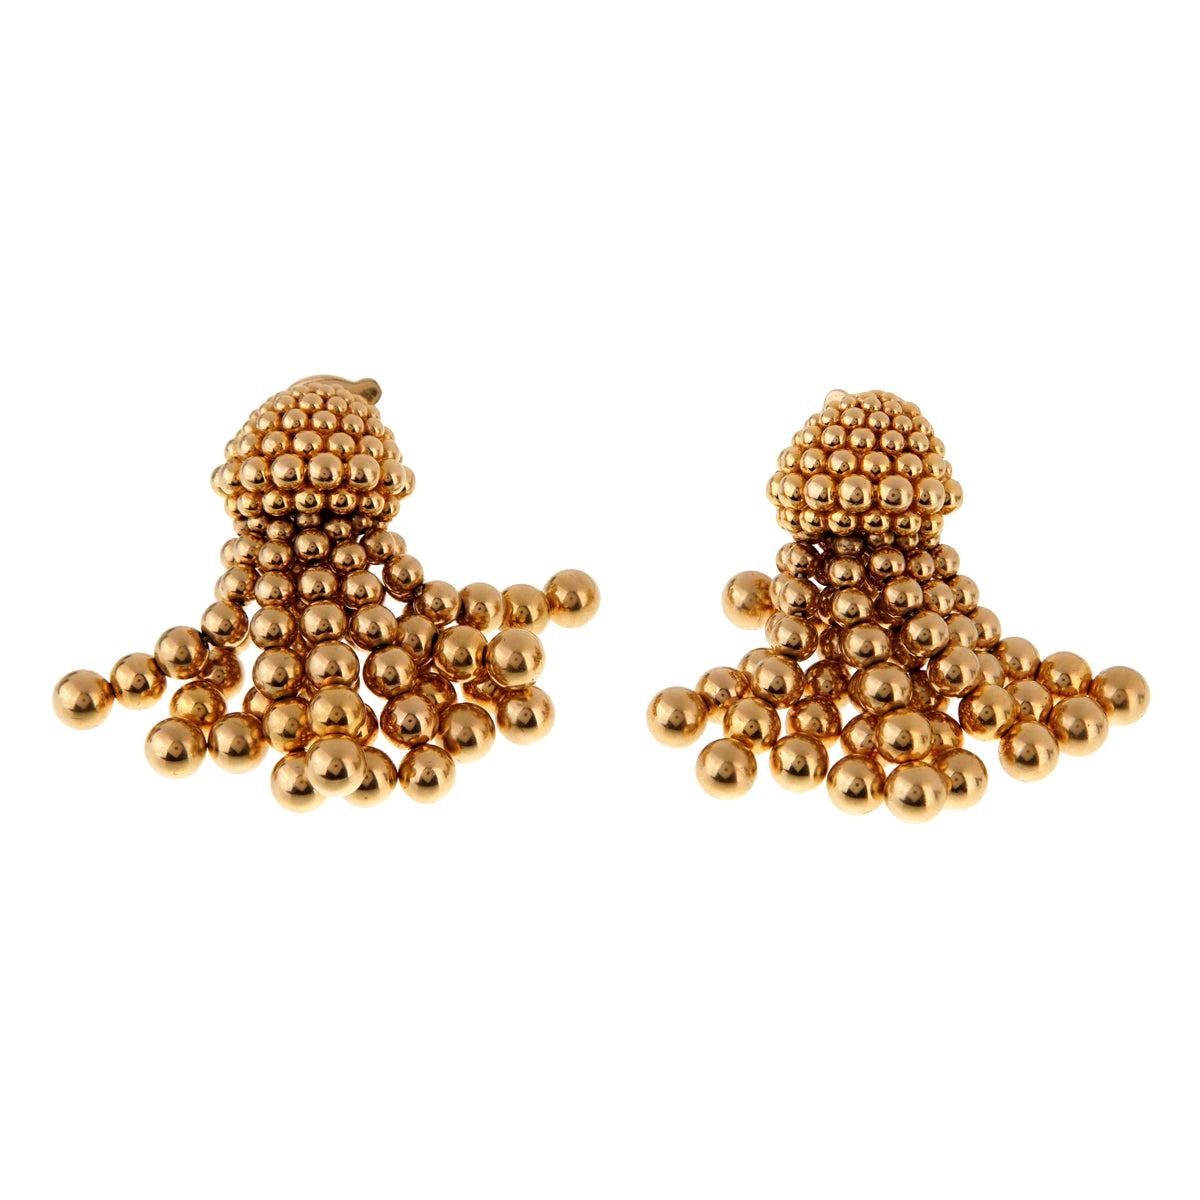 Chanel Vintage Gold Tassle Drop Earrings